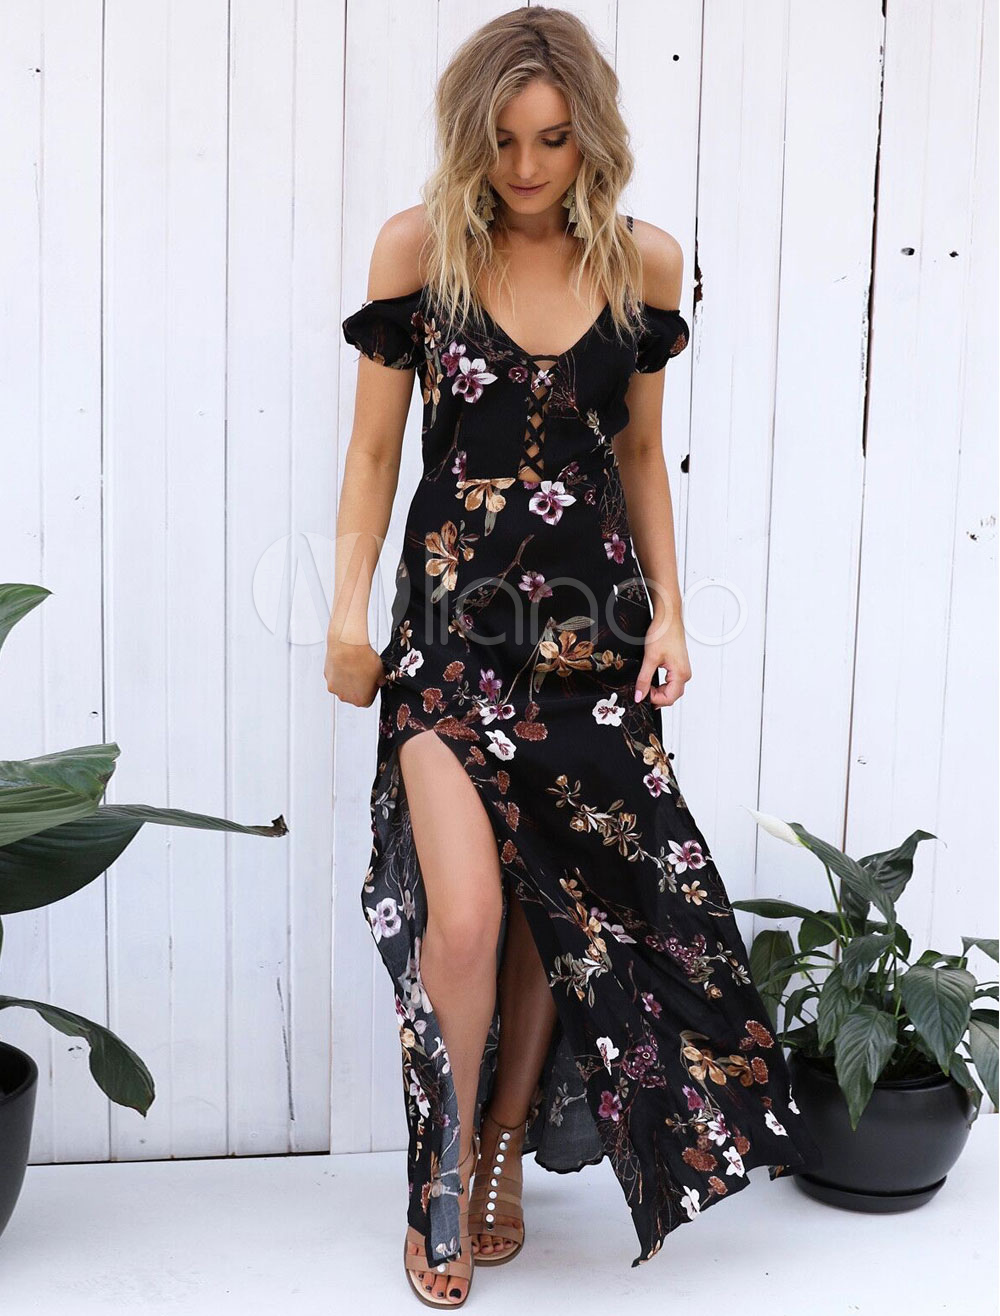 ed18d40bdf5 Bohemian Maxi Dress Women s Floral Print Split Lace Up Straps Summer ...